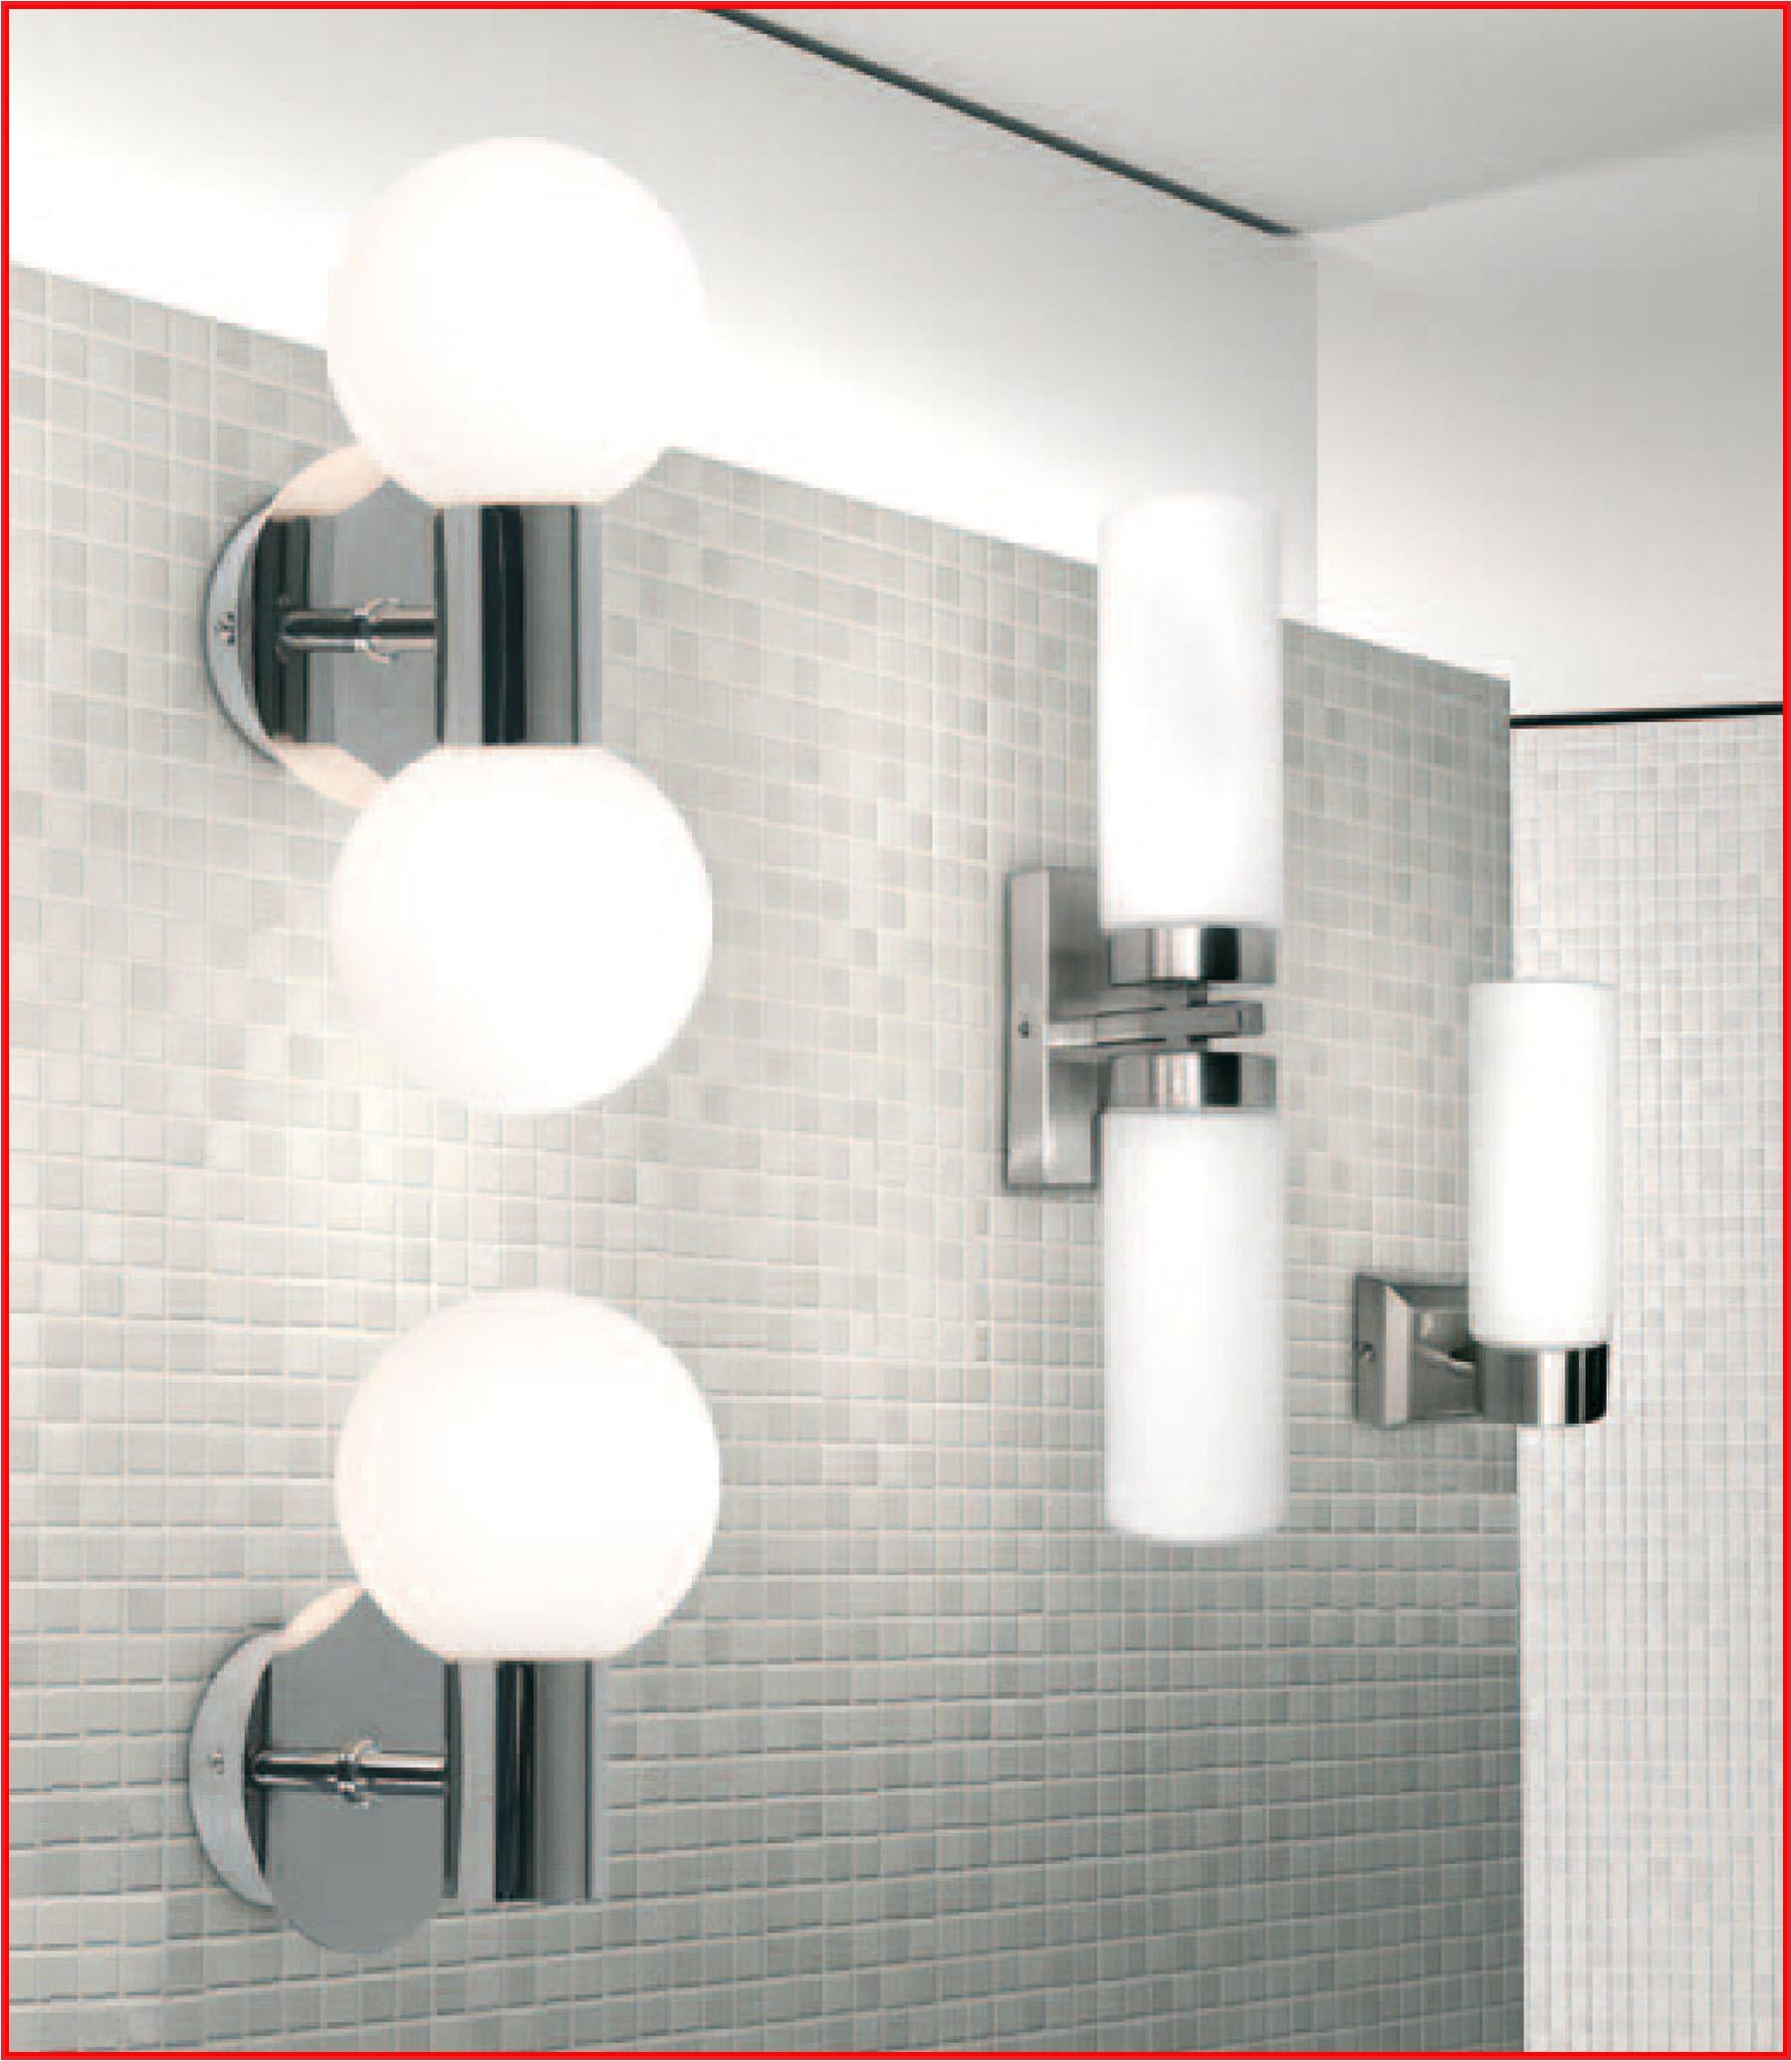 baa os baratos baa os baratos 22891 duchas baa o lamparas para ba o espejos de con